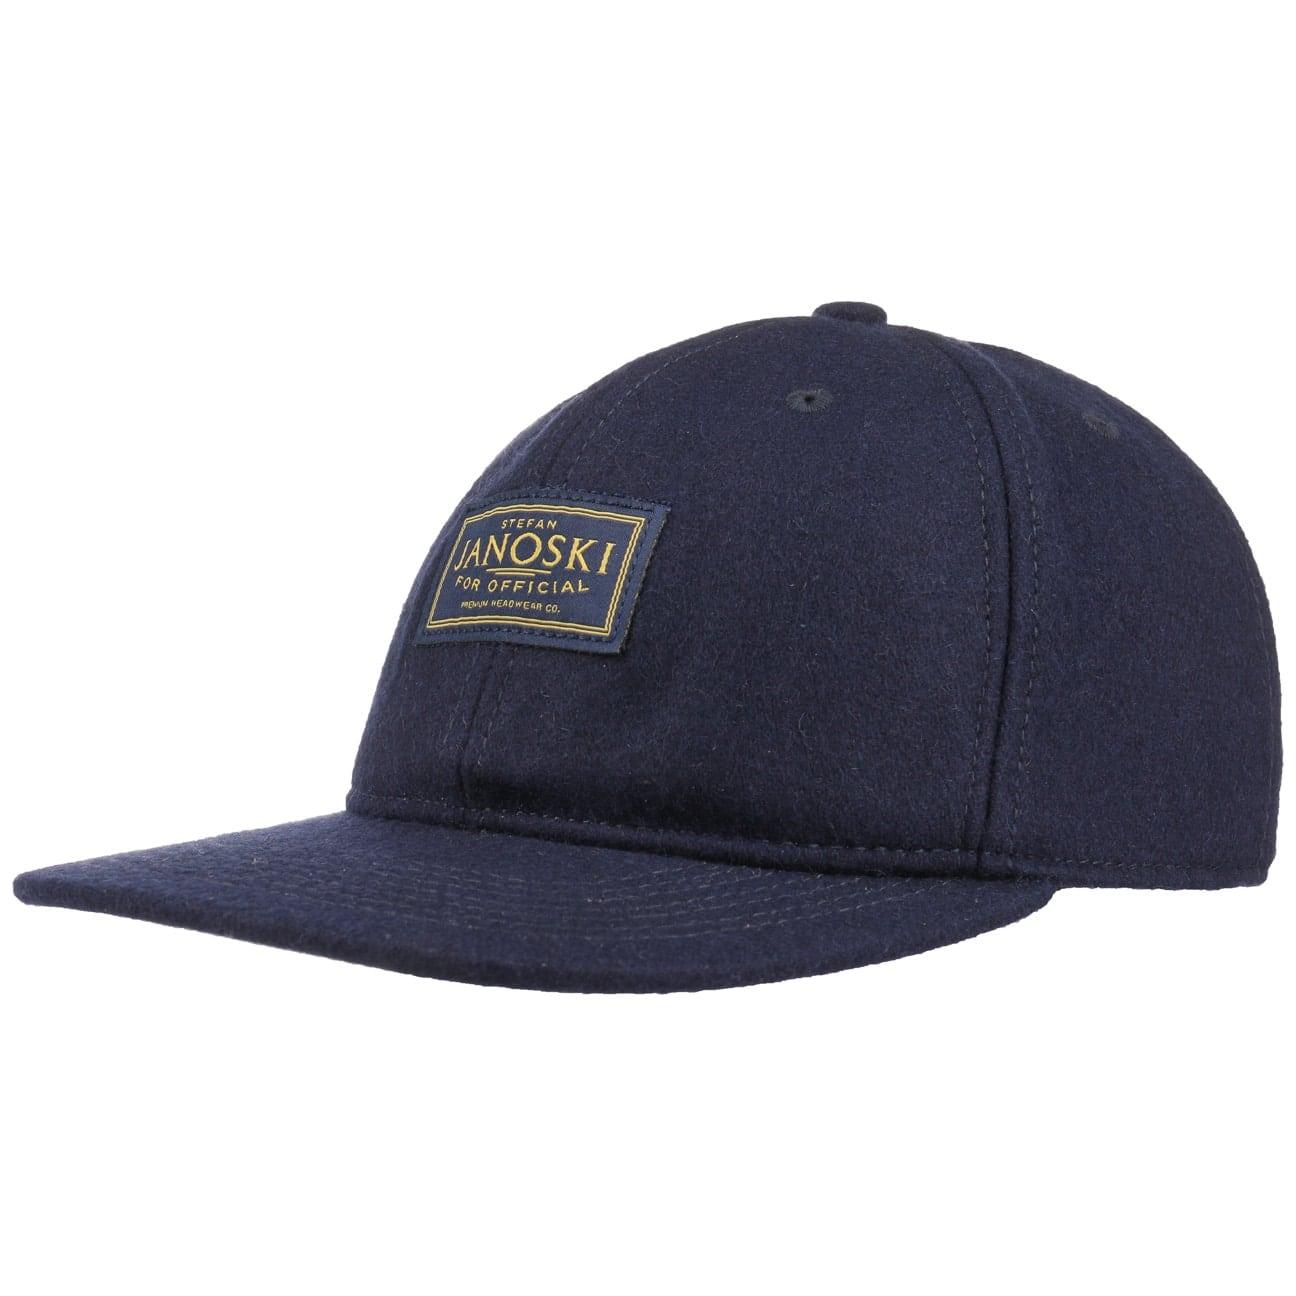 Gorra Janoski Proof Snapback by Official Headwear